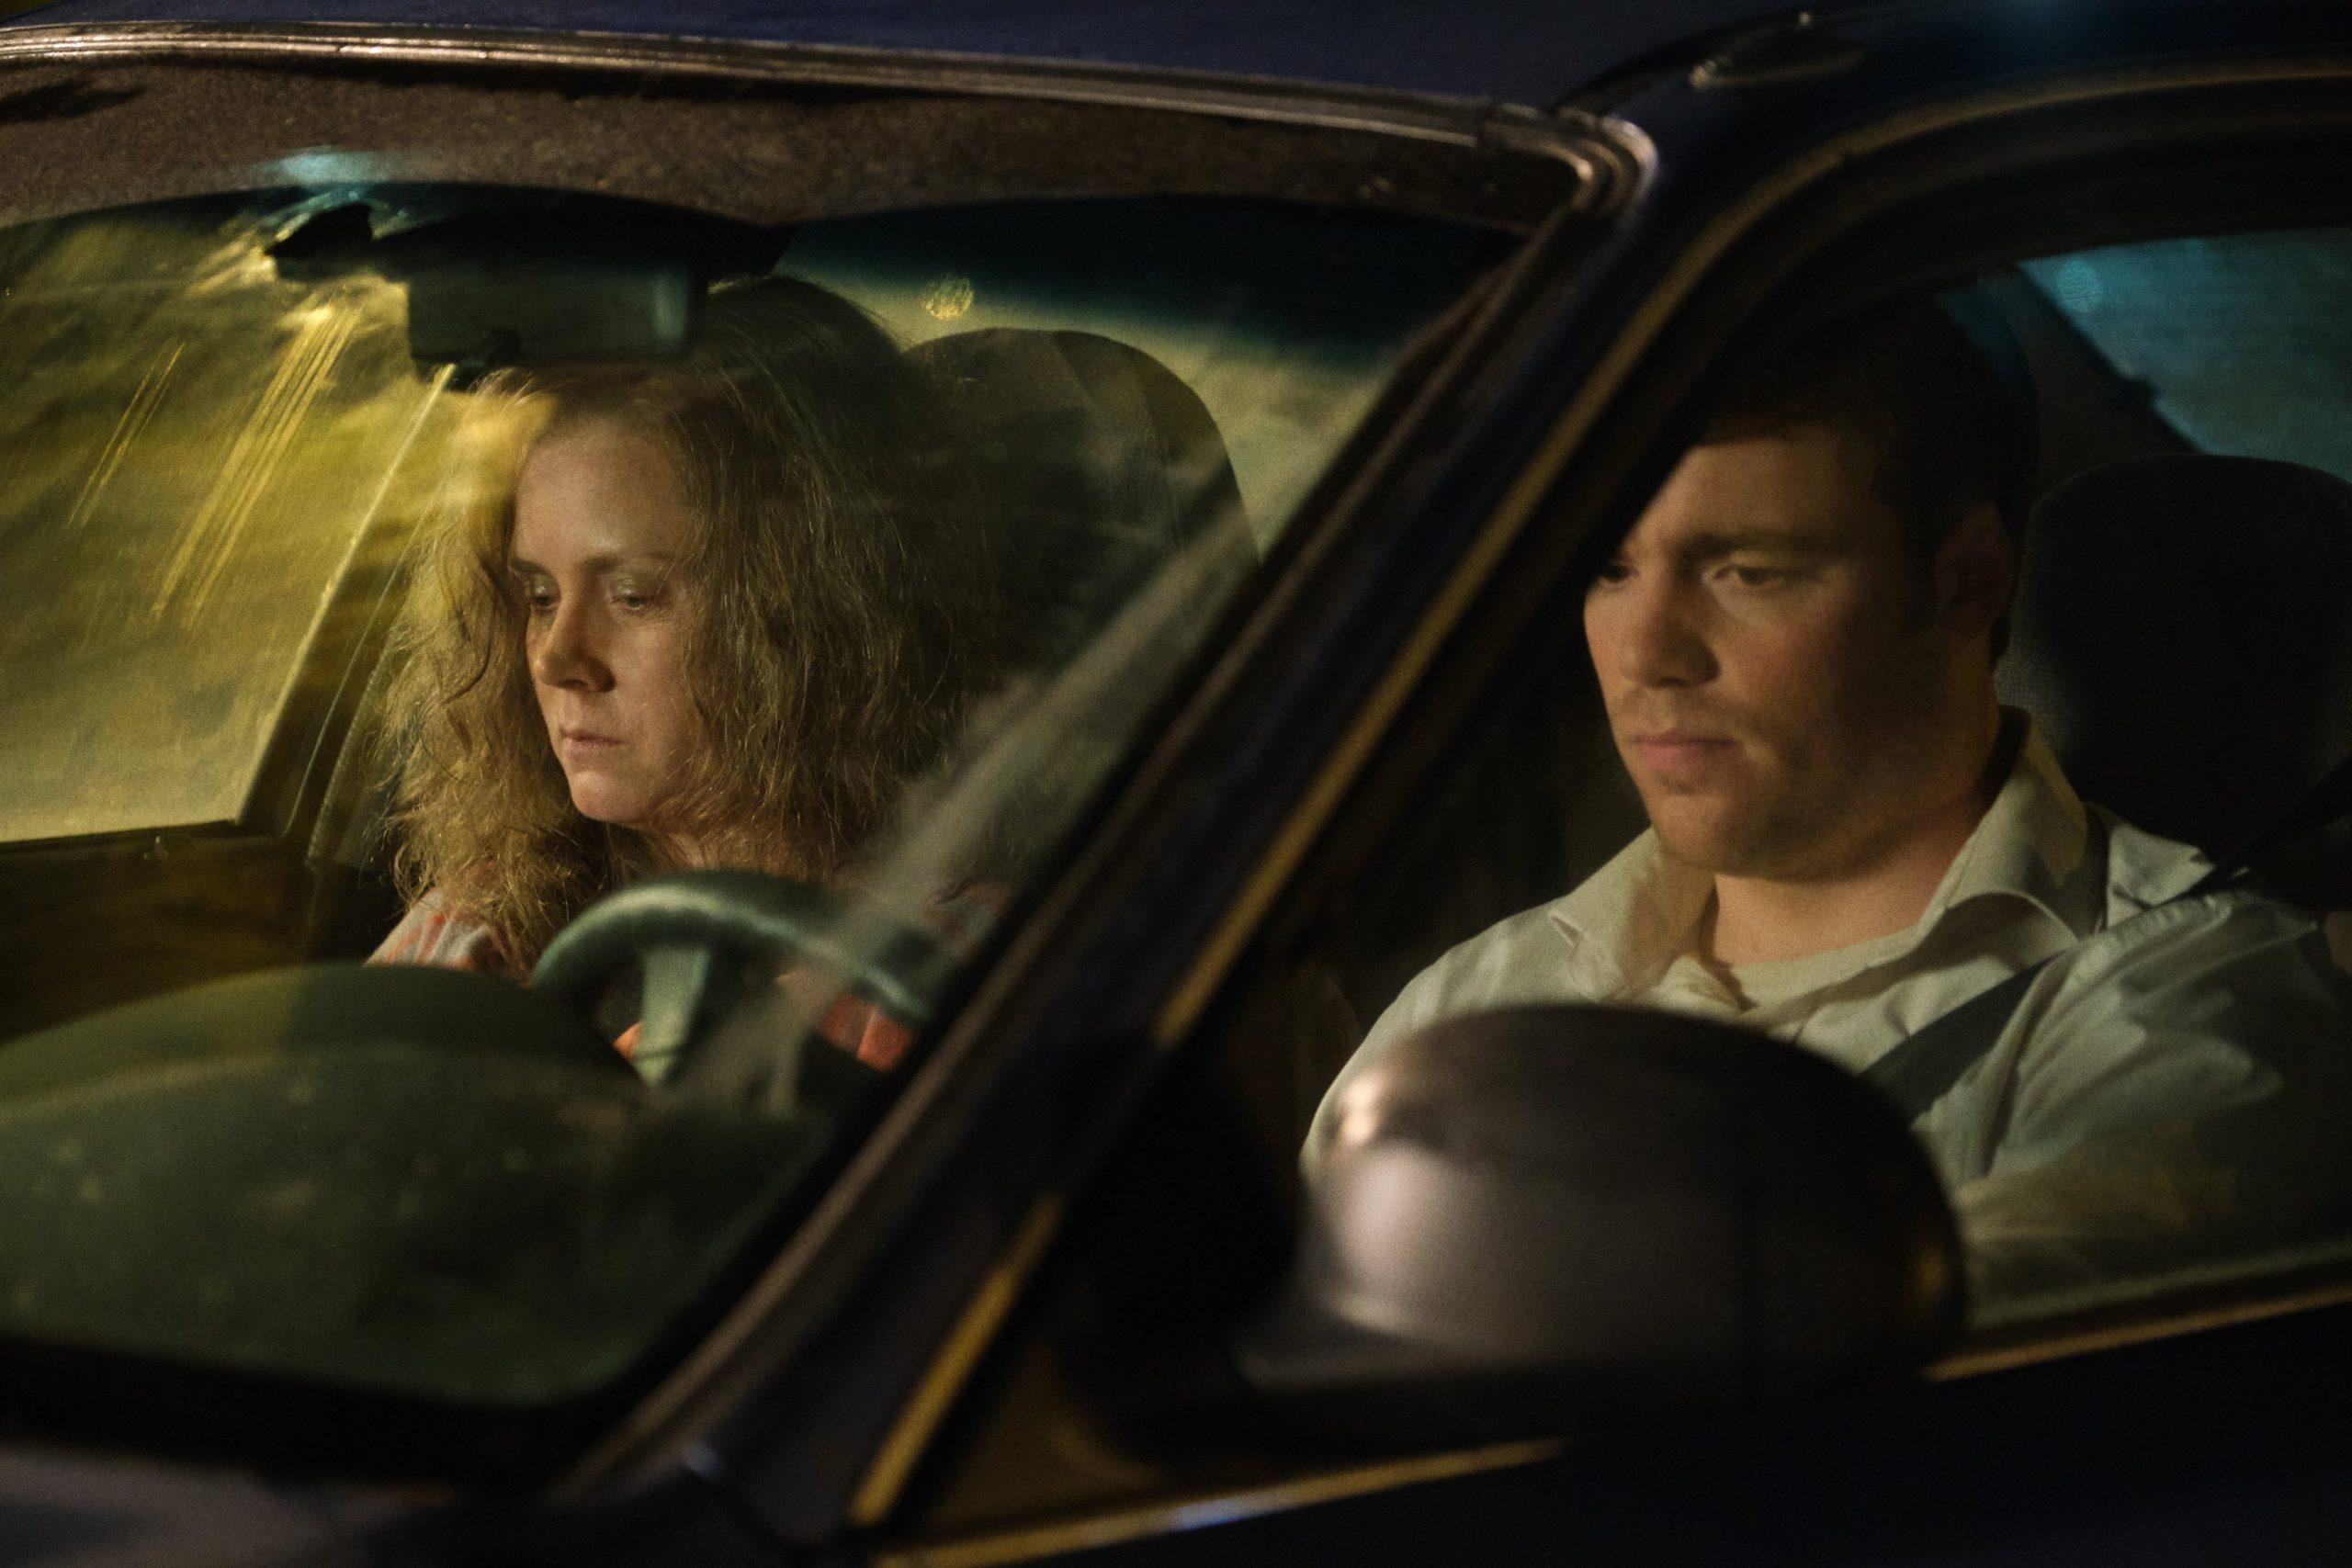 A imagem é uma cena do filme Era uma vez um sonho. Na imagem, estão os personagens Bev e J. D. Vance dentro de um carro. No volante, à direita, está J. D. Vance, interpretado pelo ator Gabriel Basso. Ele é um homem branco, de cabelos castanhos claros; ele veste uma camisa branca. À esquerda, no banco do carona, está Bev, interpretada pela atriz Amy Adams. Ela é uma mulher branca, de cabelos ruivos e compridos; ela veste uma camisa xadrez.